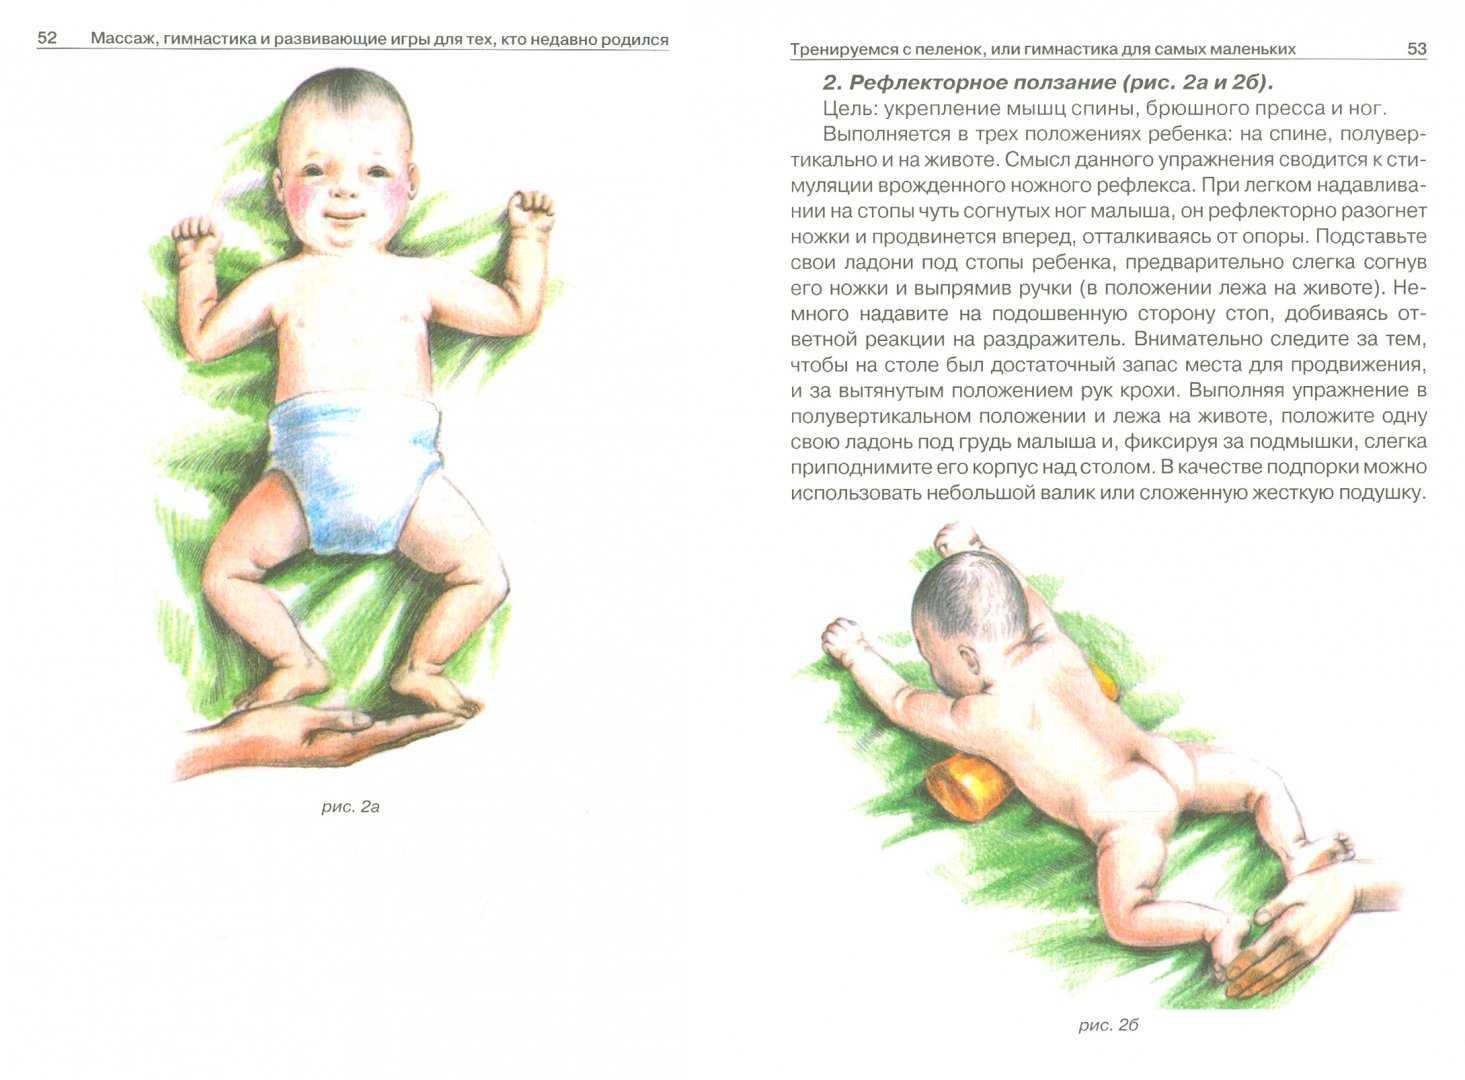 Гимнастика для суставов грудничков и детей до 3 лет: лфк при гипермобильности сочленений, упражнения для малышей, занятия в воде, йога | статья от врача